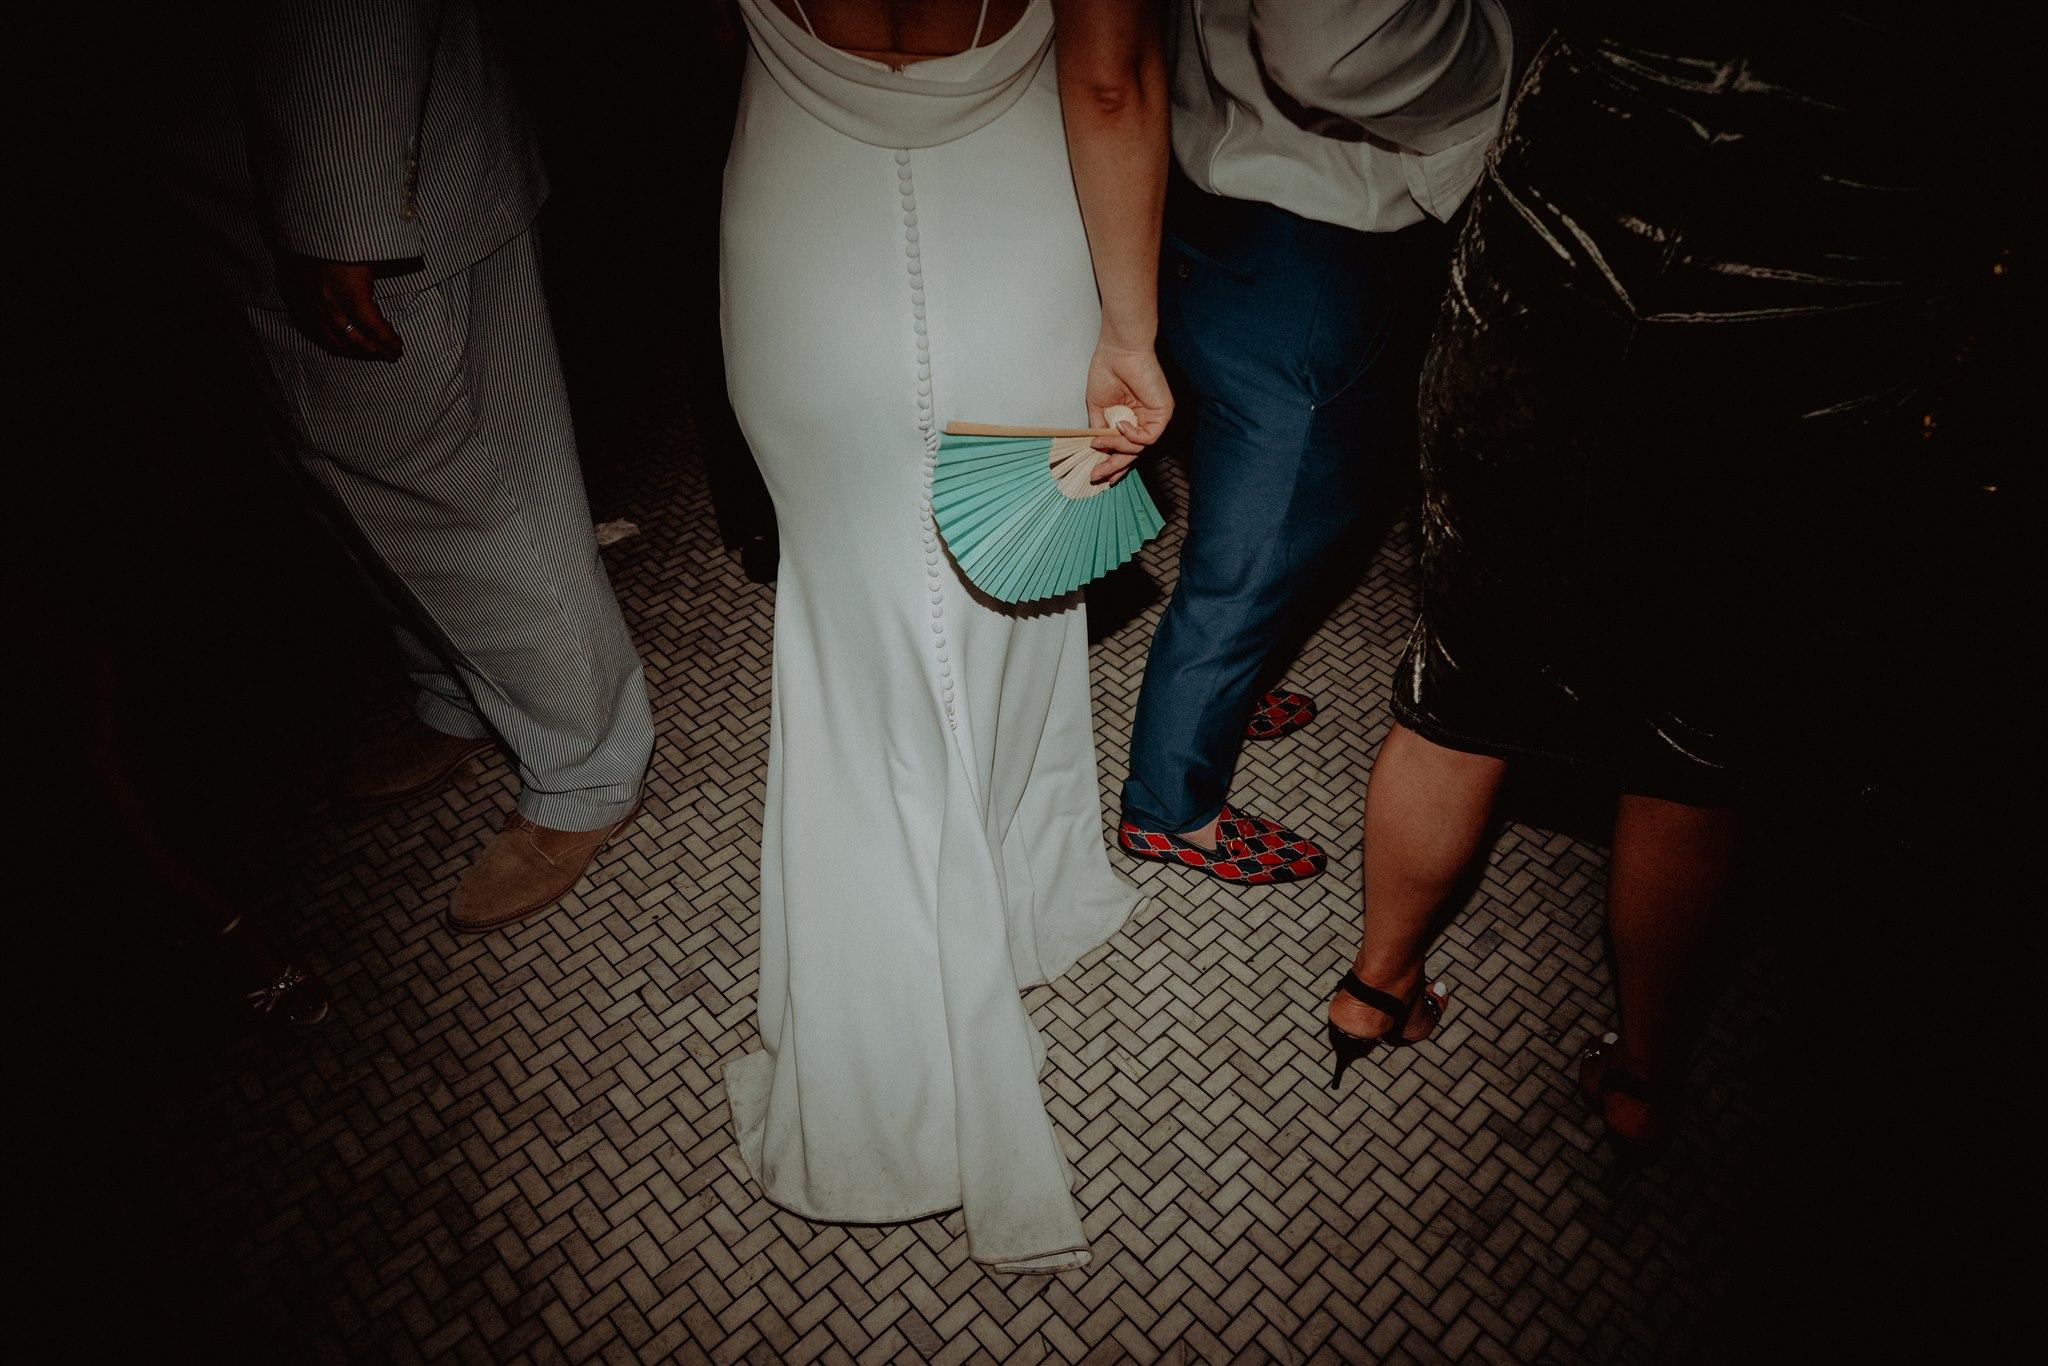 Chellise_Michael_Photography_Ramona_Brooklyn_Wedding_Photographer-617.jpg